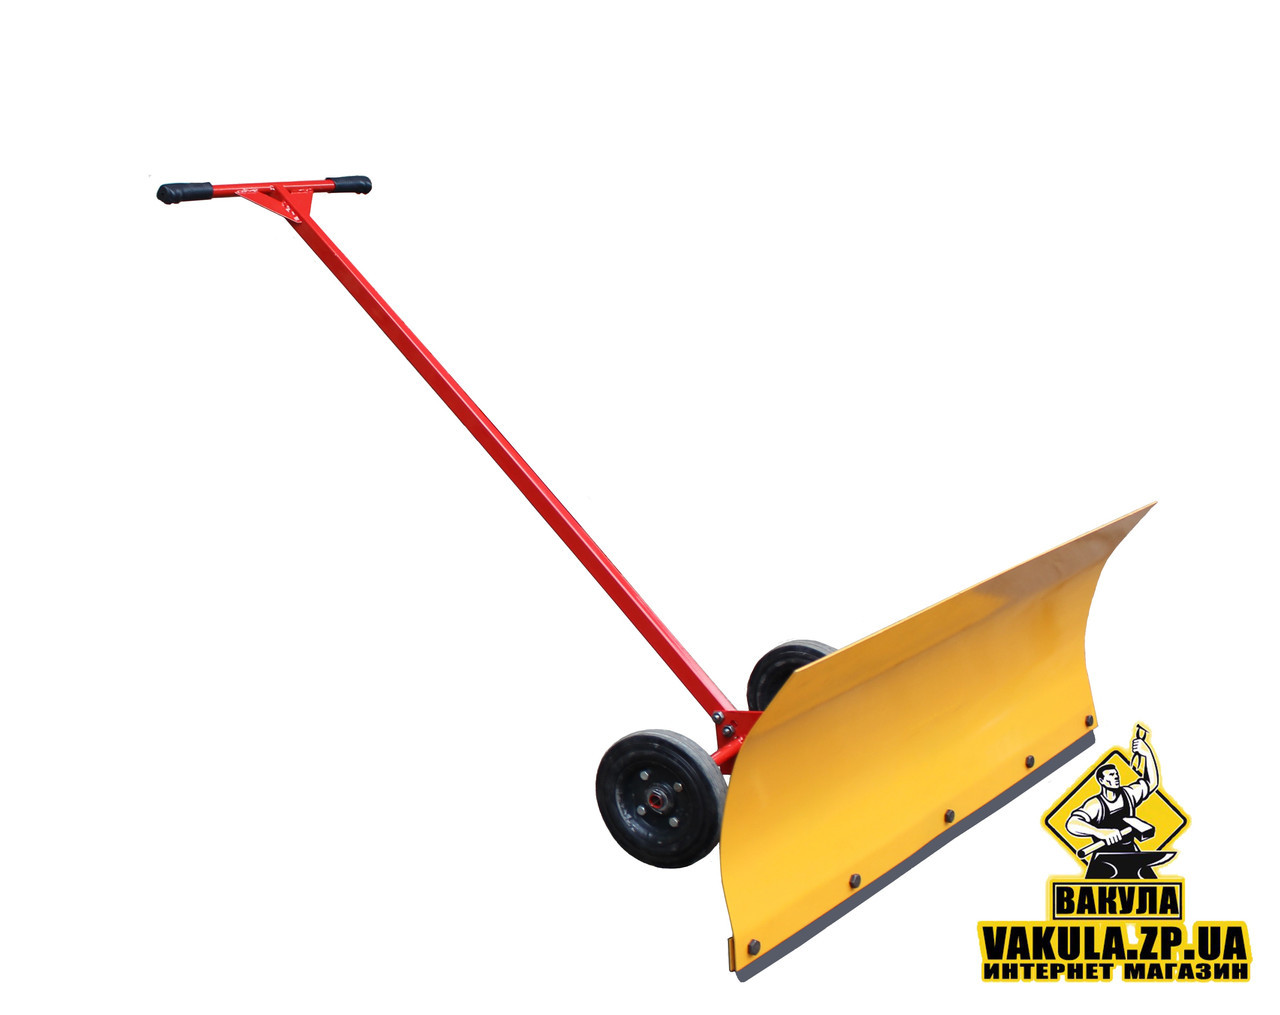 Лопата отвал для чистки снега сообственного производства